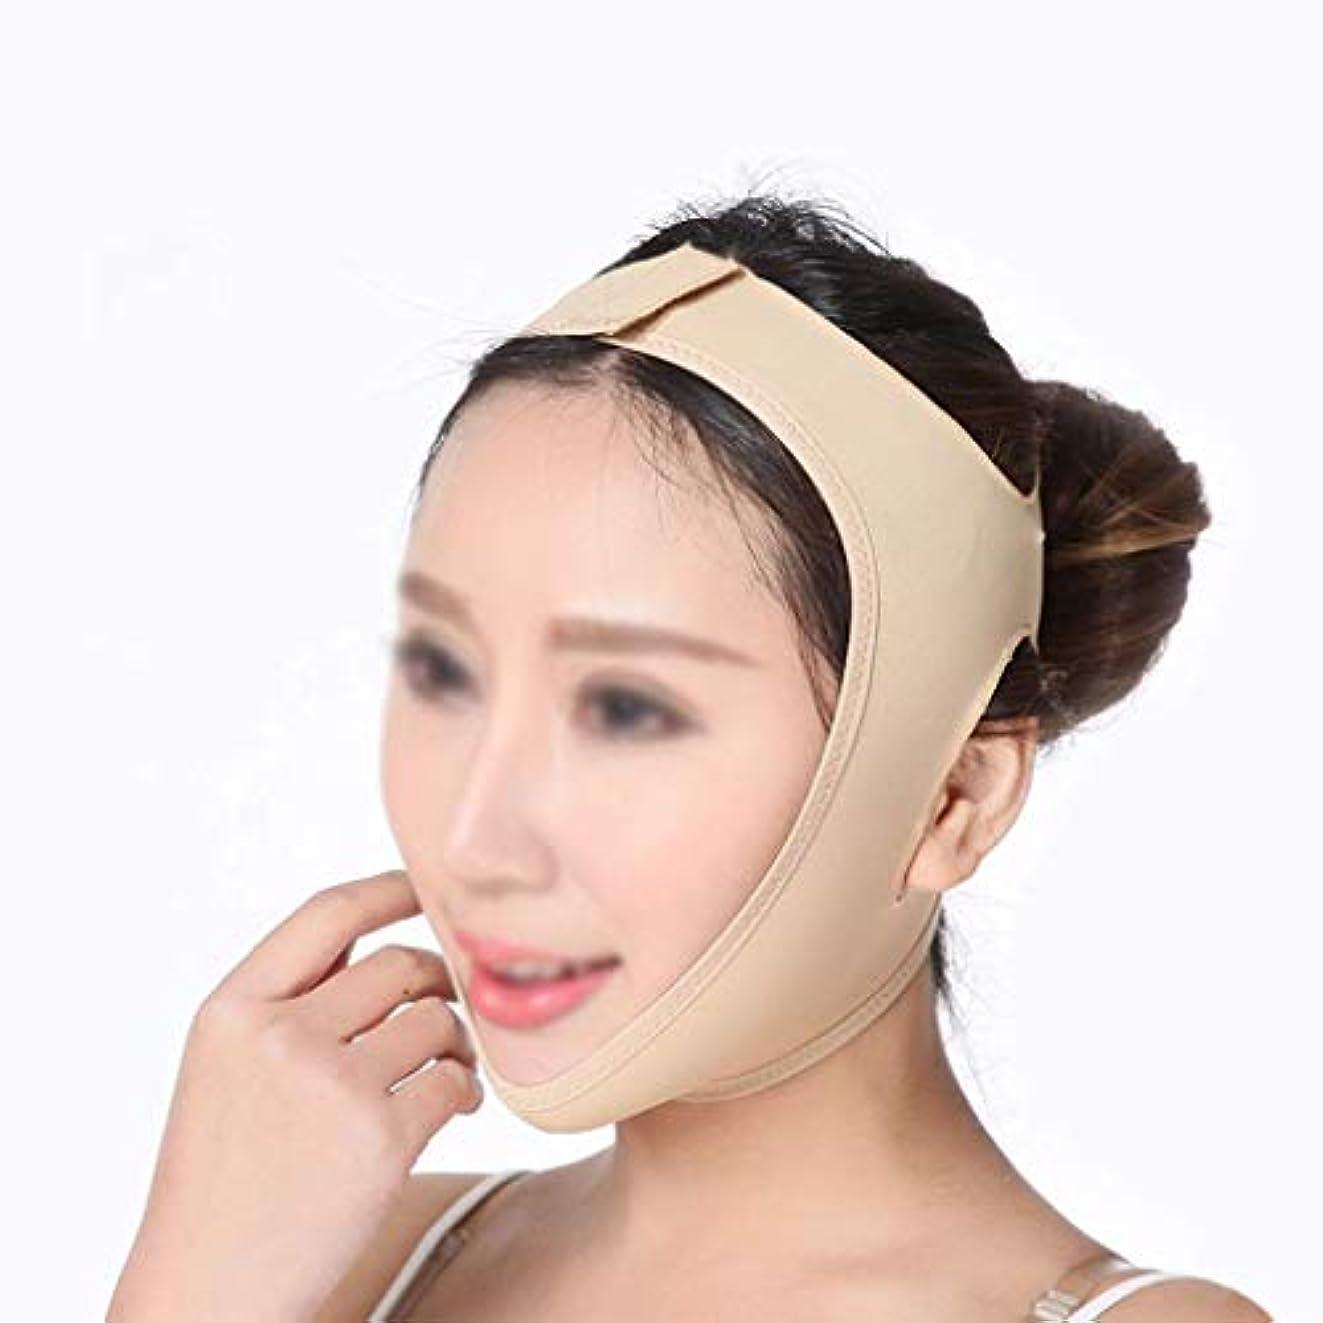 漏斗信仰ペイントフェイシャルチークリフティングマスク、ダブルチンとフェイスを効果的に改善、フェイスリフト包帯、ダブルチンを減らす(サイズ:L),XL